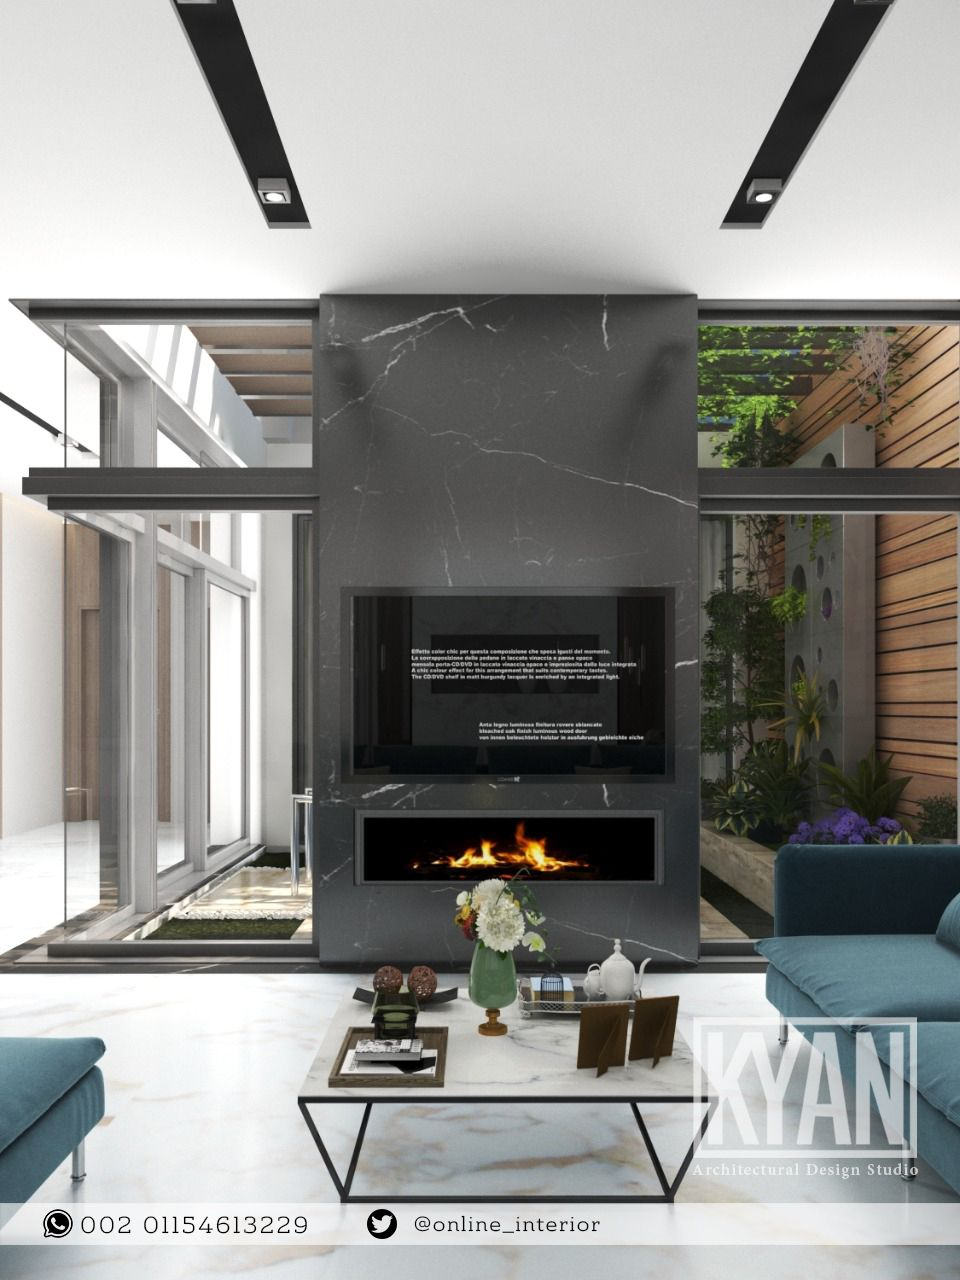 من أعمالنا تصميم صالة عائلية مفتوحة مطلة على الحديقة الداخلية لطلبات التصميم والتنفيذ التواصل على 00201154613229 مهندس د Living Area Interior Design Home